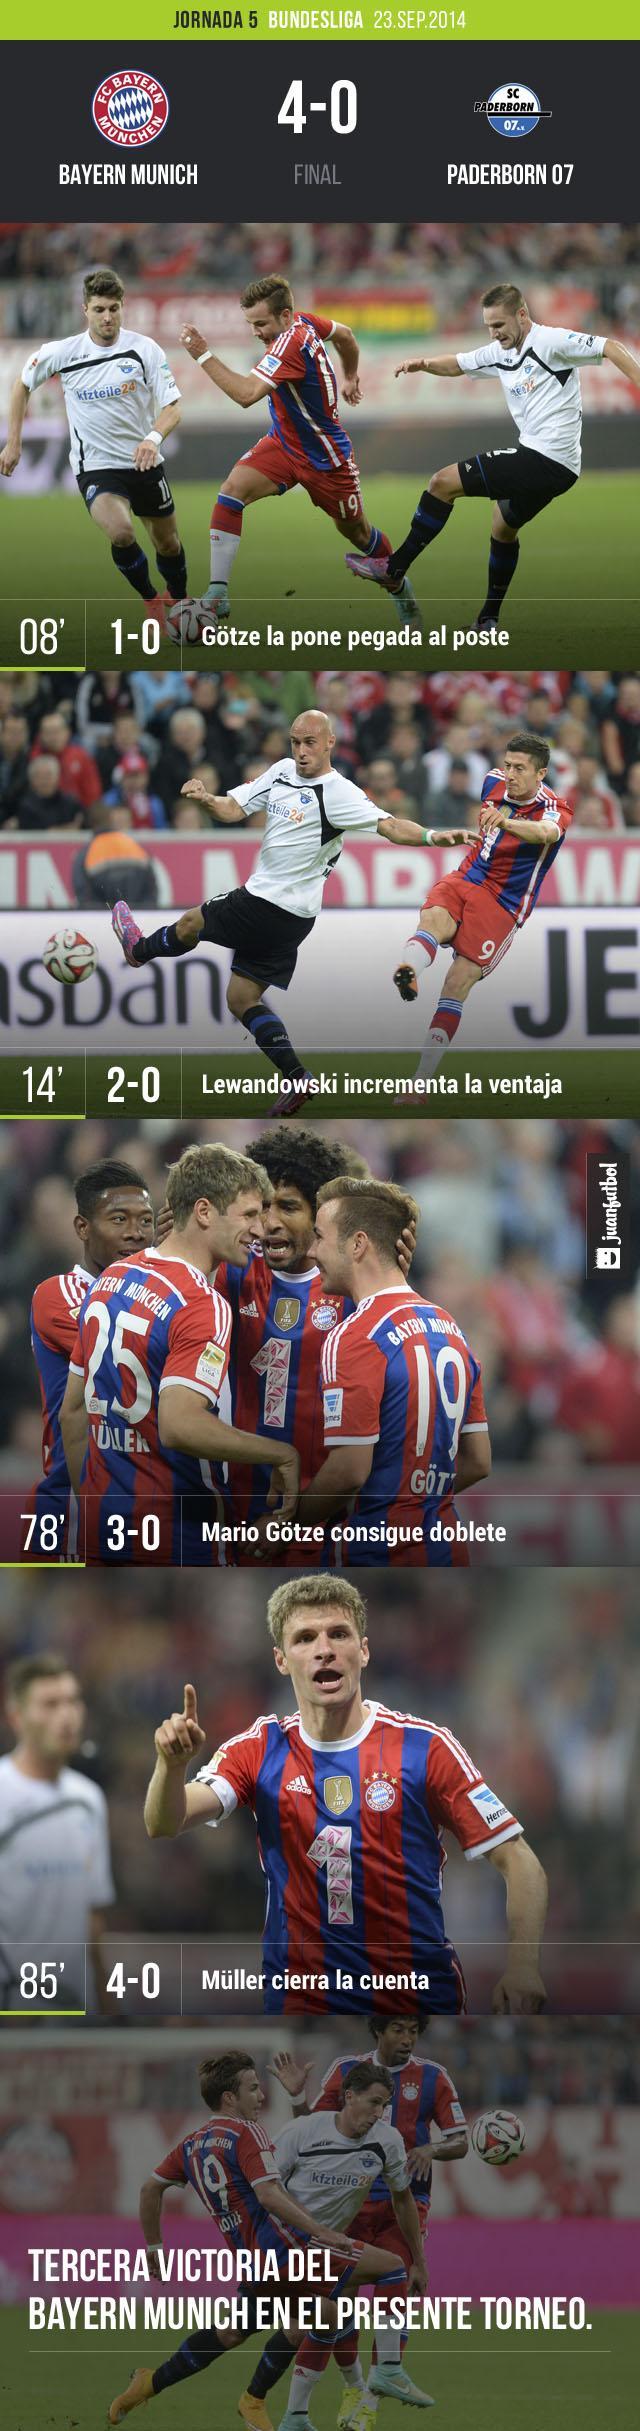 Bayern Munich-Paderborn 07